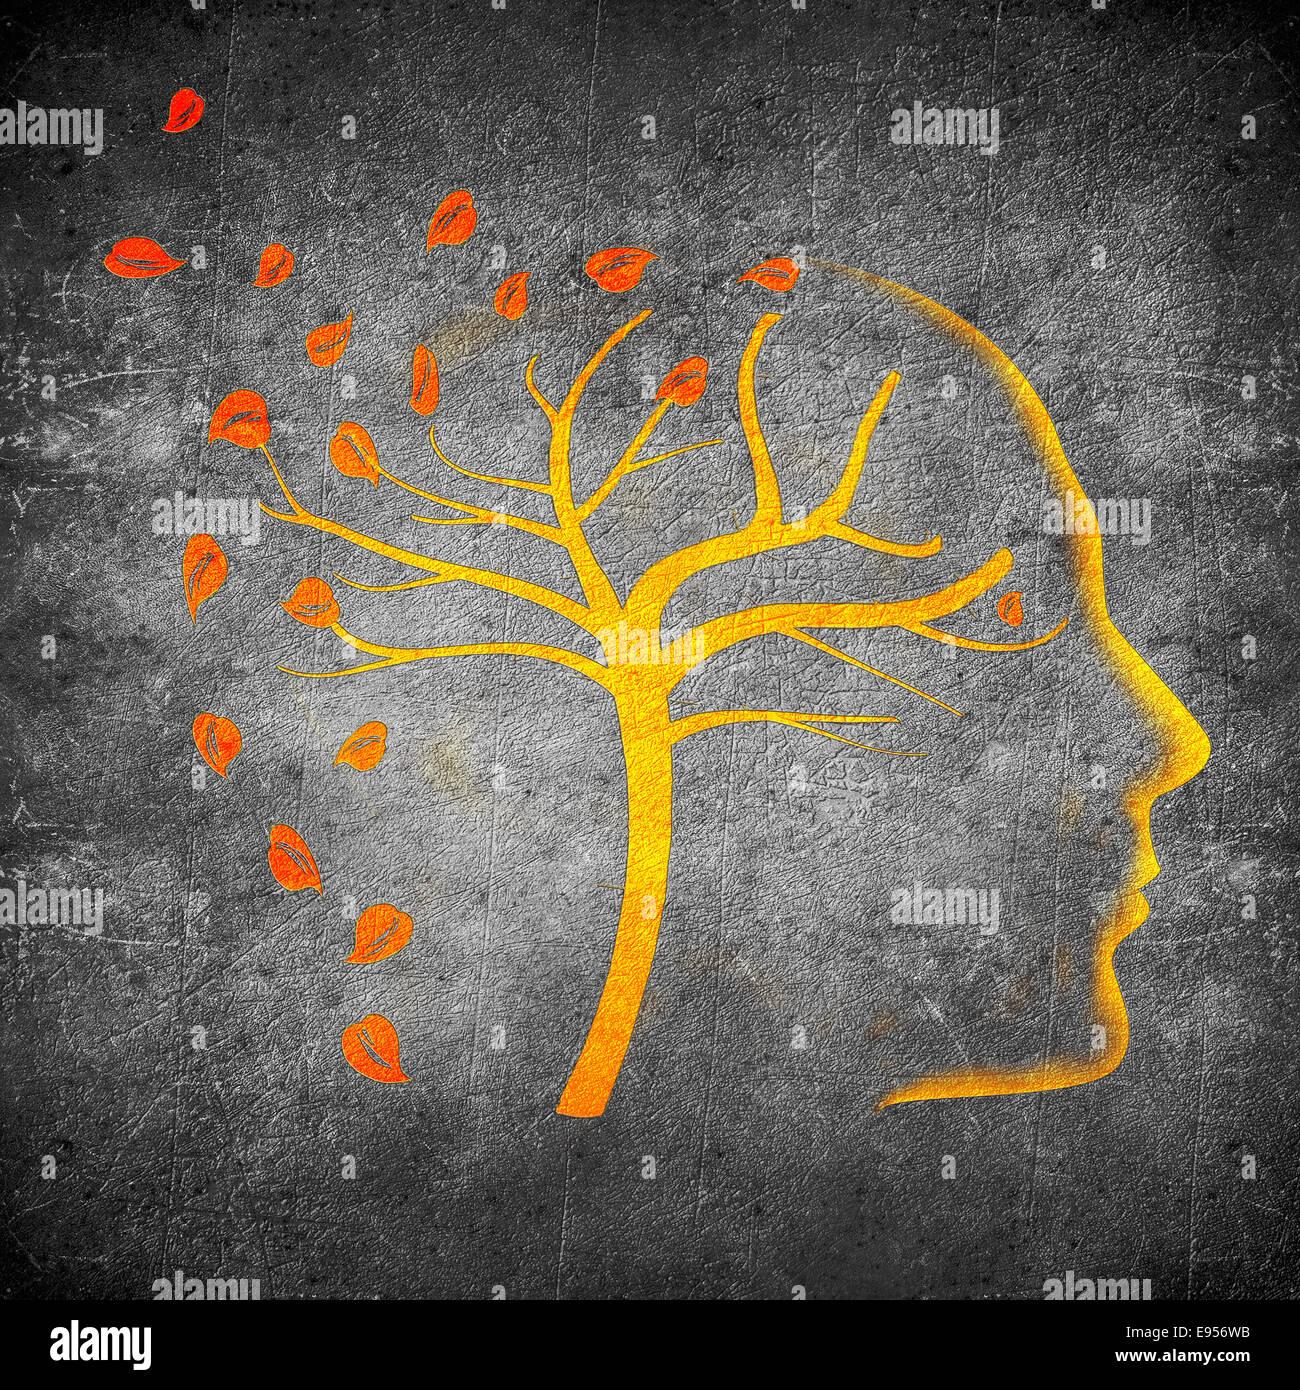 Volte passare dal concetto di illustrazione digitale di colore arancione su sfondo nero Immagini Stock